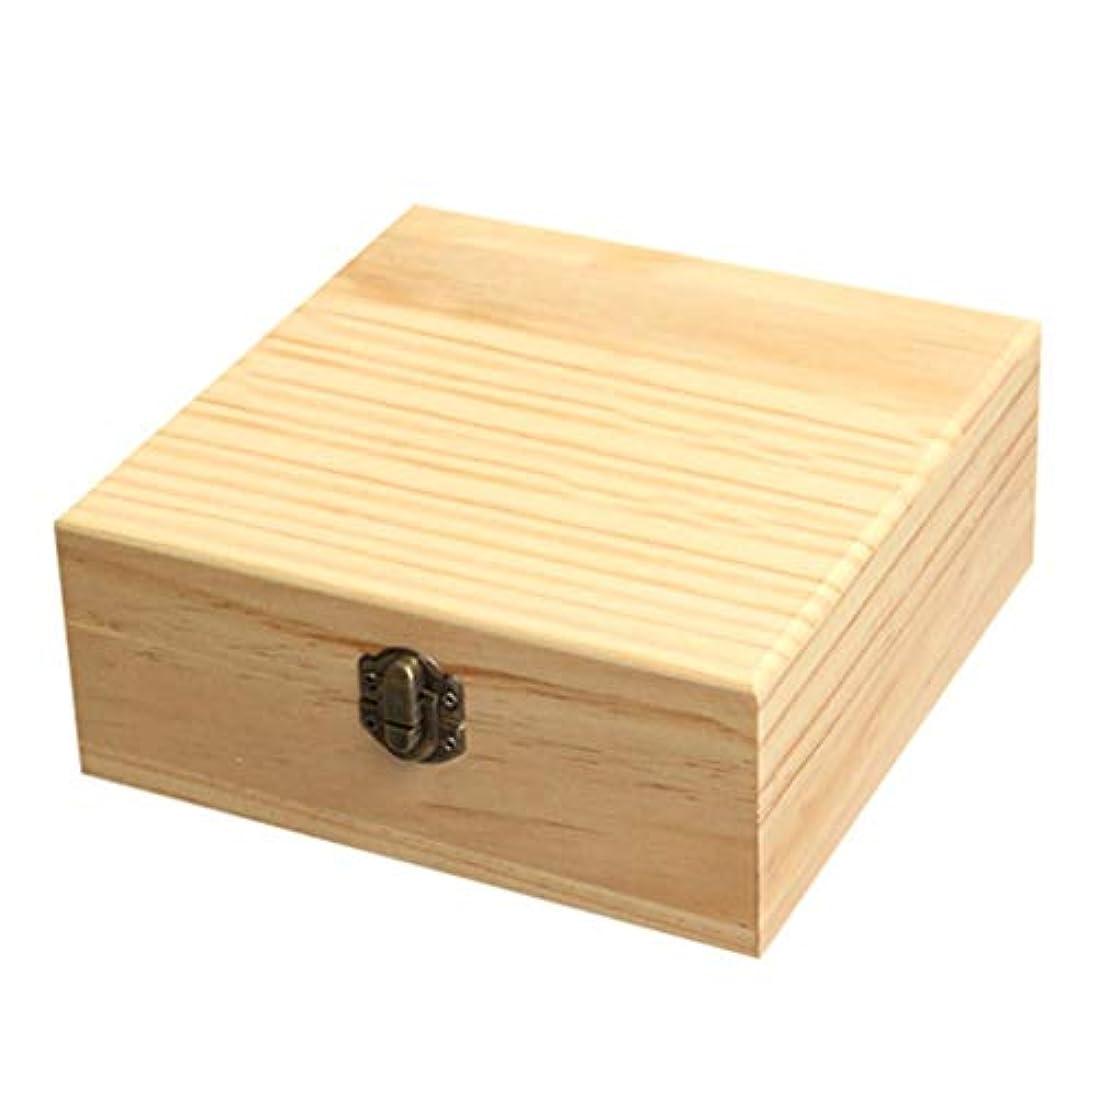 穿孔する歌うビヨンhopefull エッセンシャルオイル収納ボックス 大容量 和風 レトロ 木製 精油収納 携帯便利 オイルボックス 飾り物 25本用 for